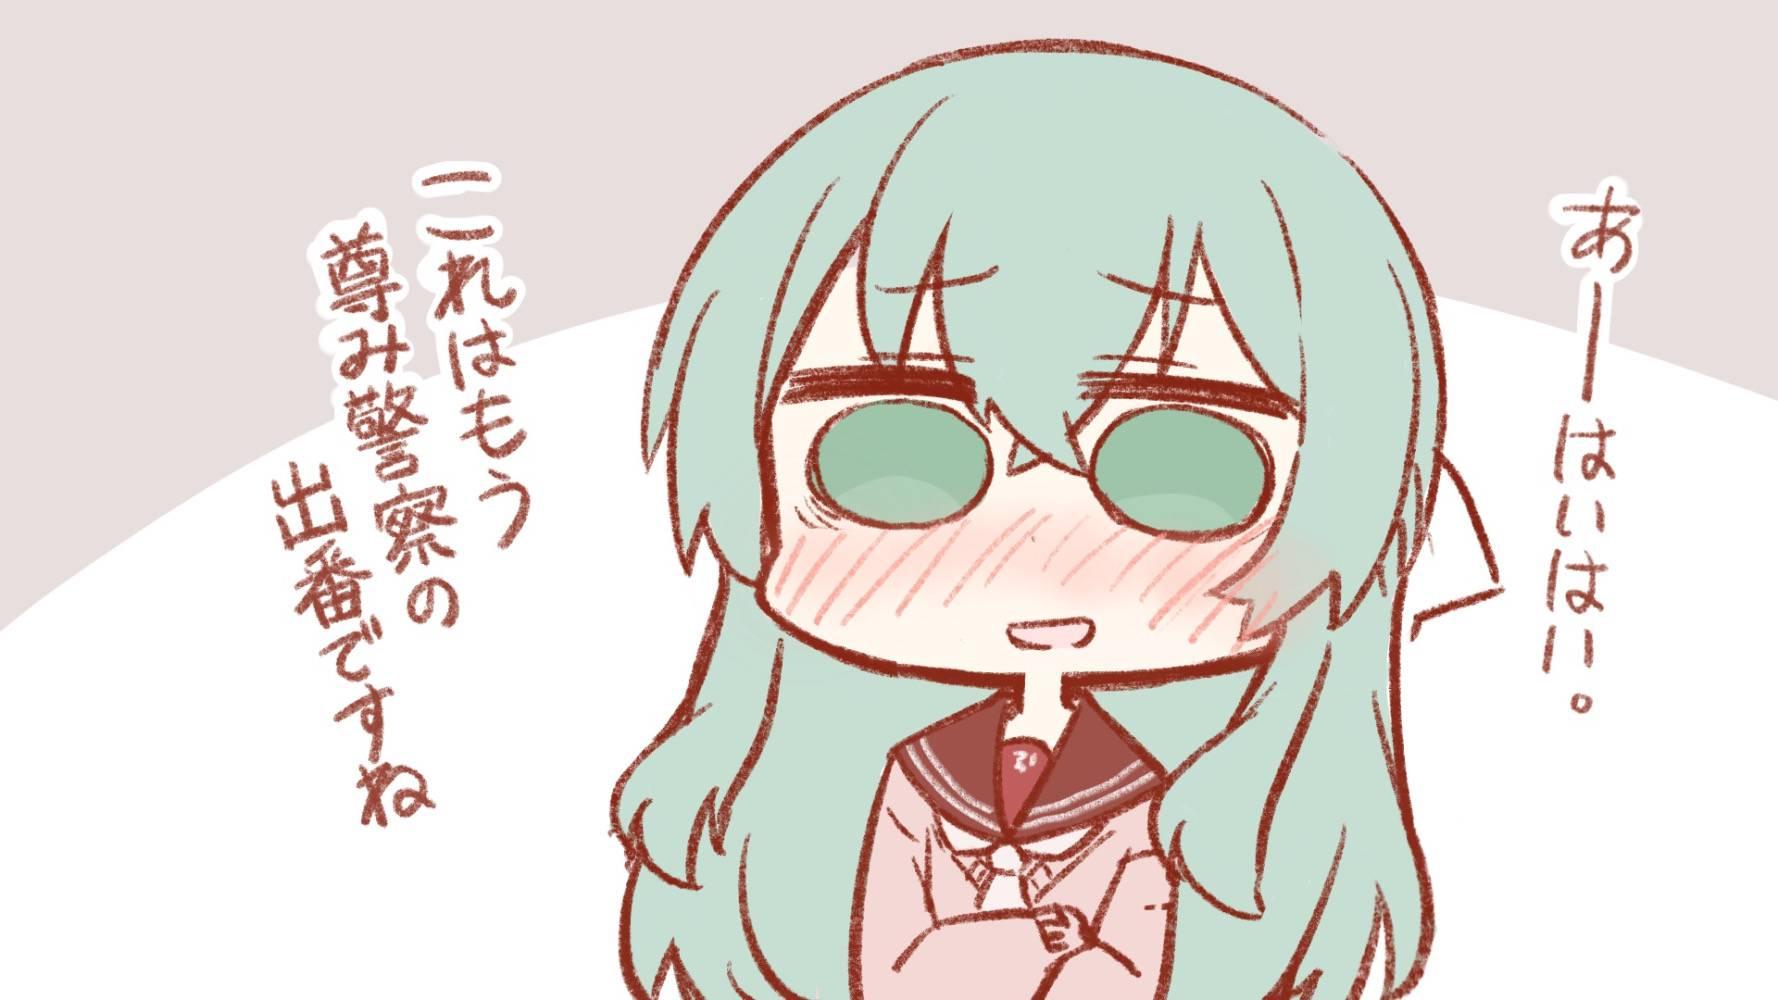 【ラスバレ】しぇんゆーのこのえちち水着衣装まだなの?